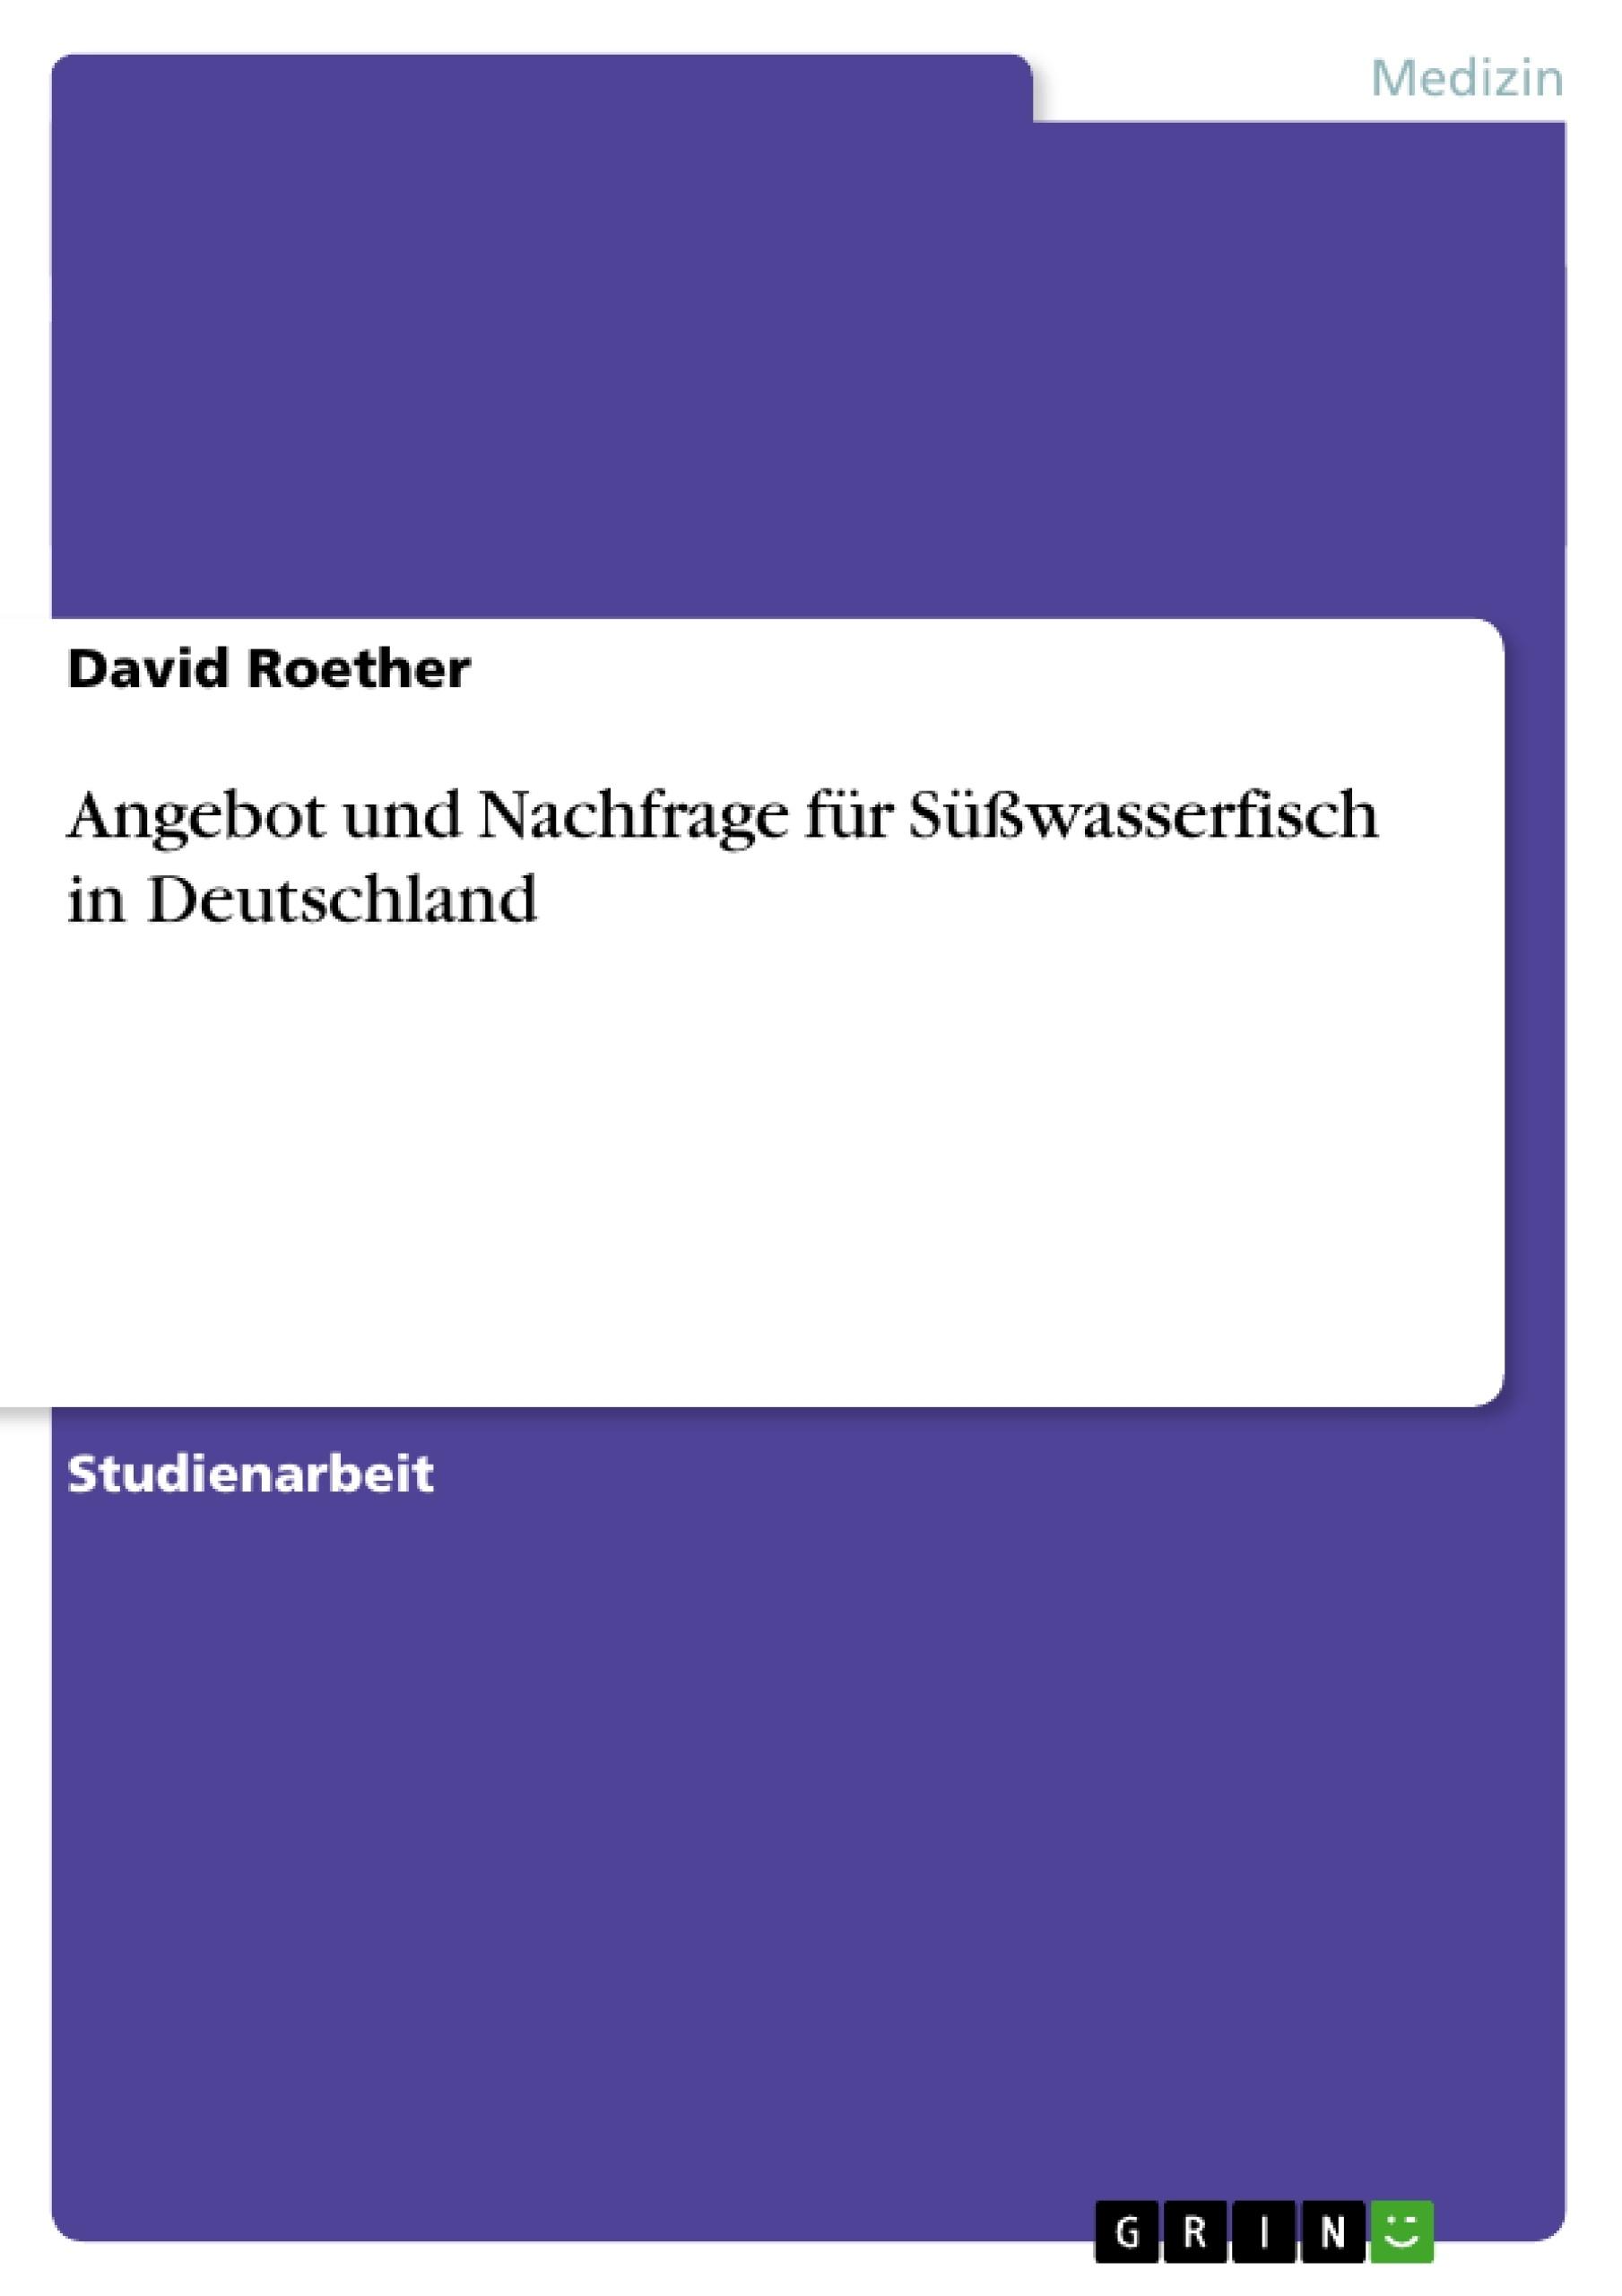 Titel: Angebot und Nachfrage für Süßwasserfisch in Deutschland